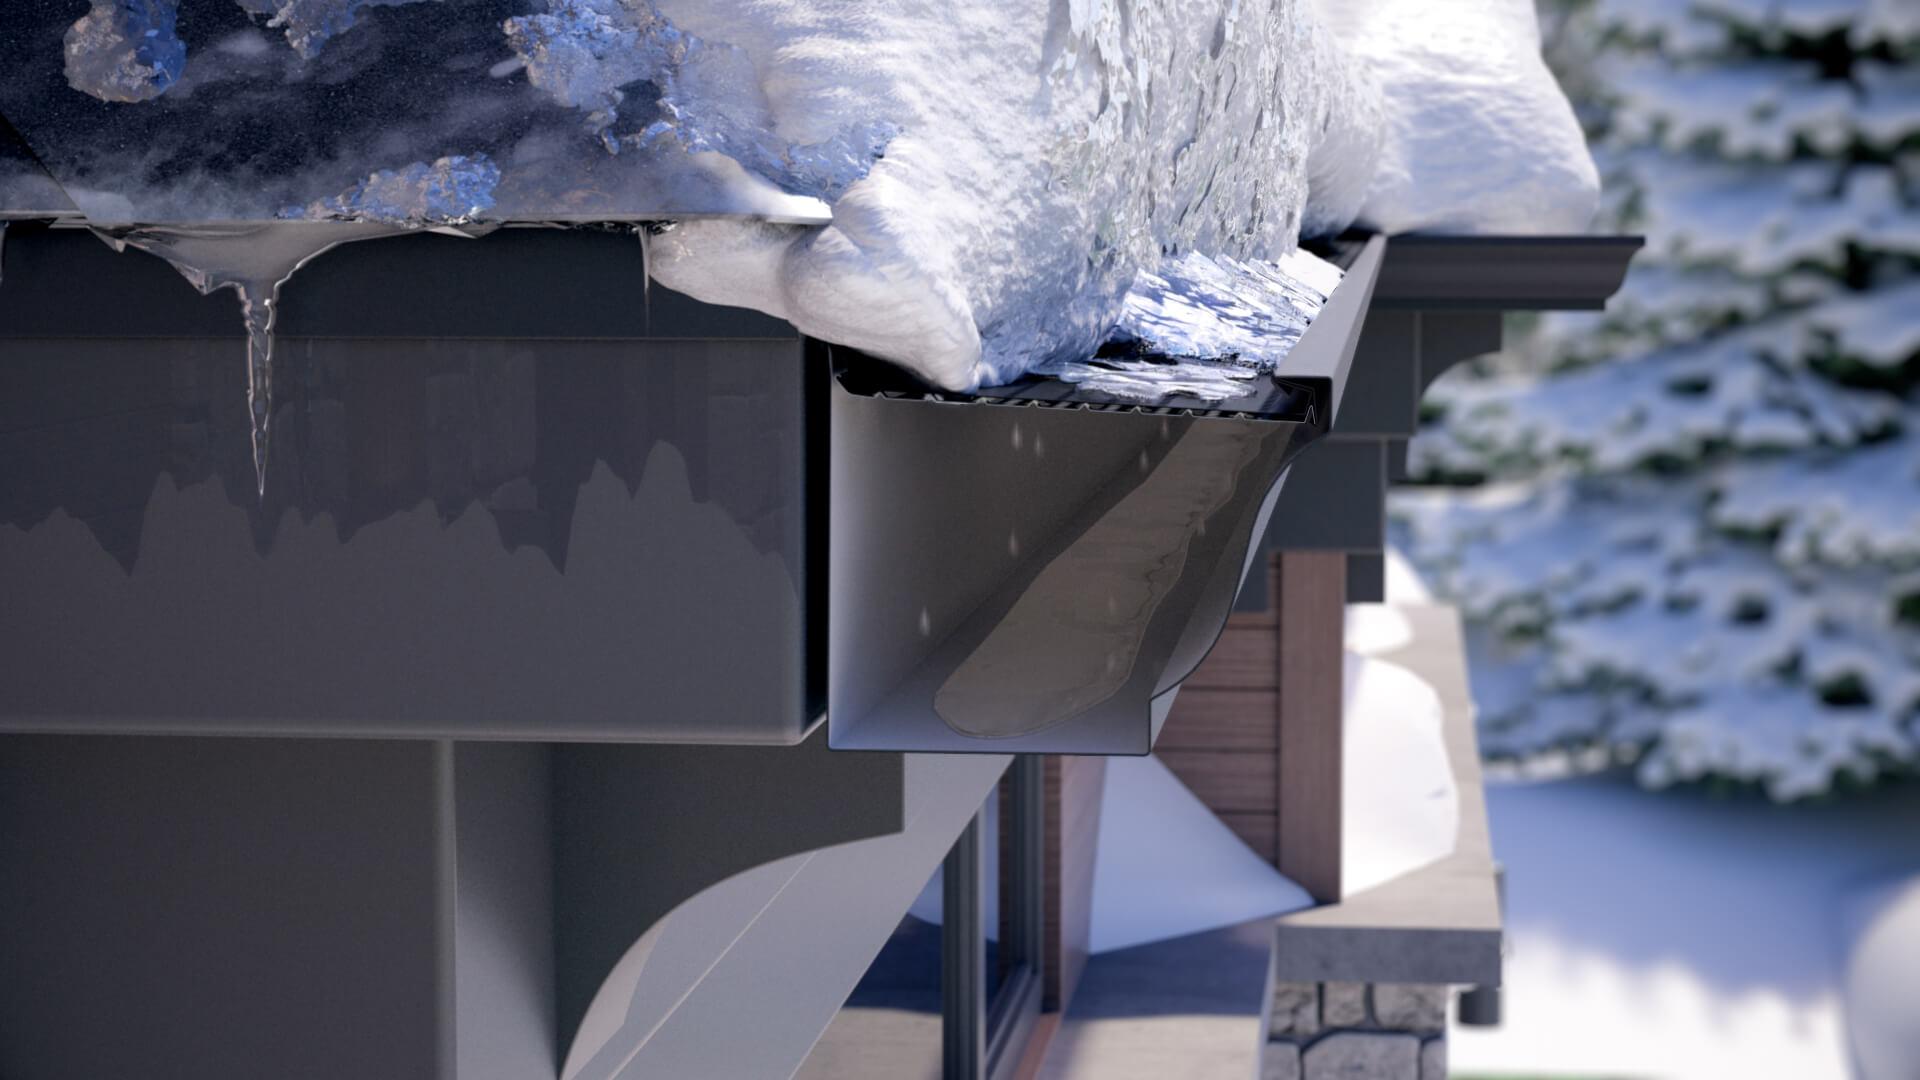 Protège-gouttière Alurex Double Pro bloquant la neige et la glace accumulées sur le toit